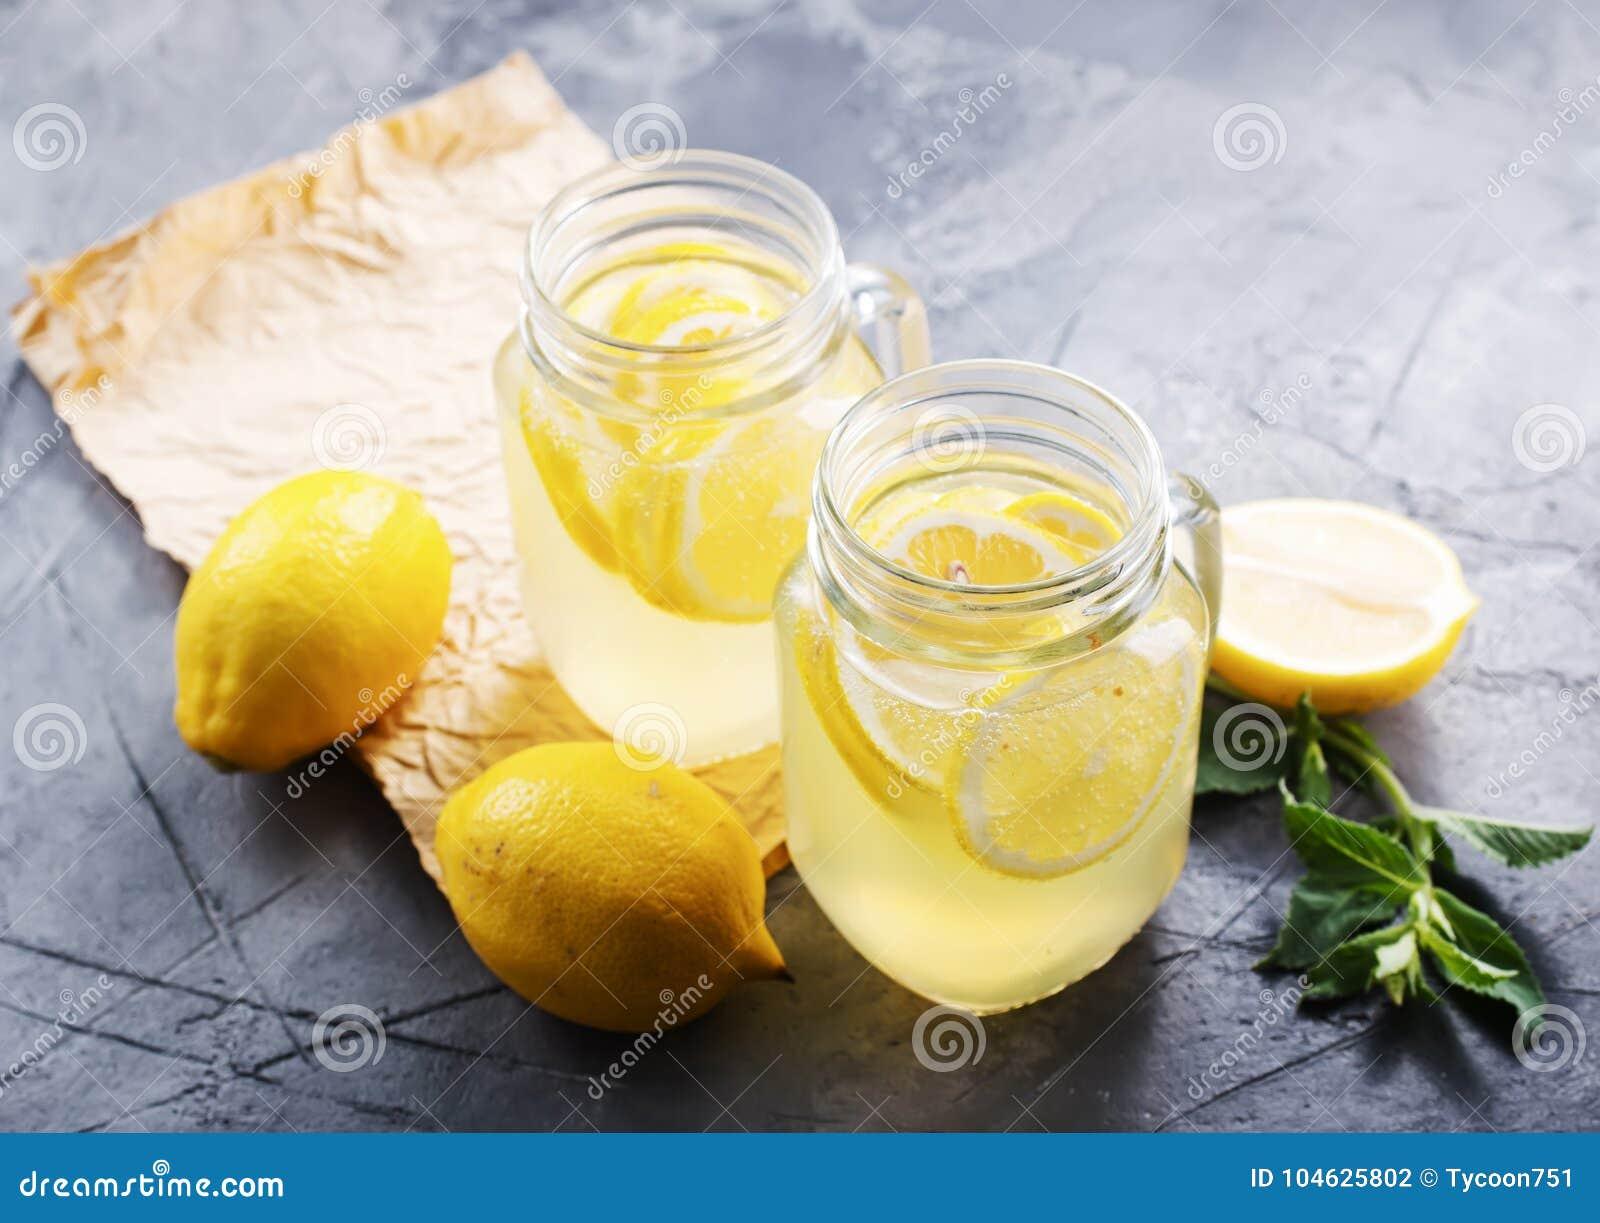 Download Limonade stock foto. Afbeelding bestaande uit grijs - 104625802